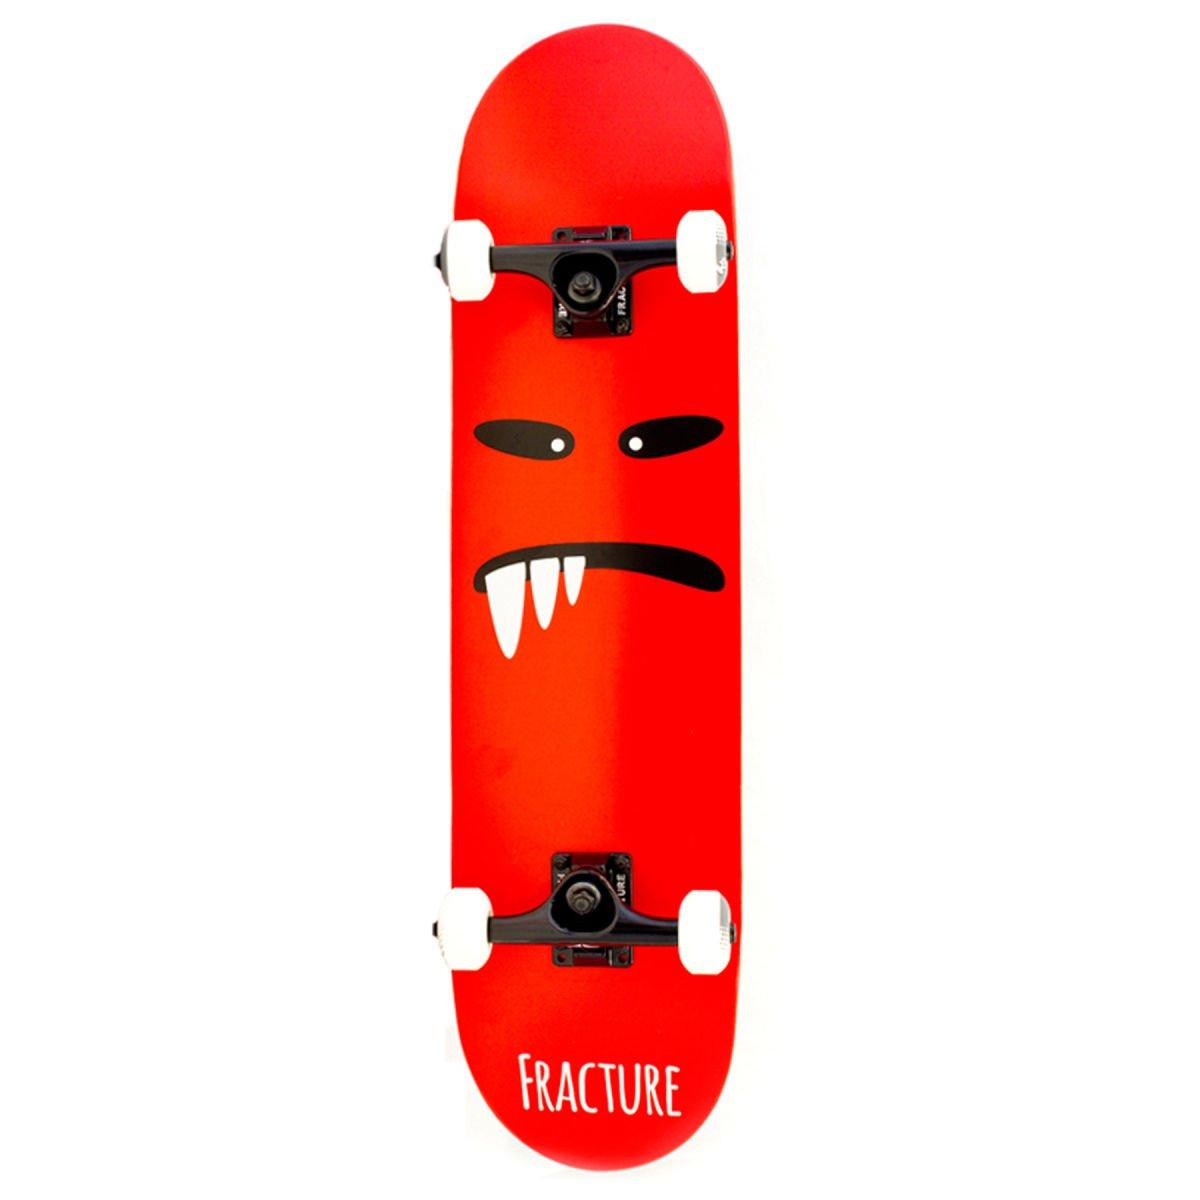 Fraktur 7,75x 31.5-inch Lil 'Monsters V2komplett Skateboard (rot)